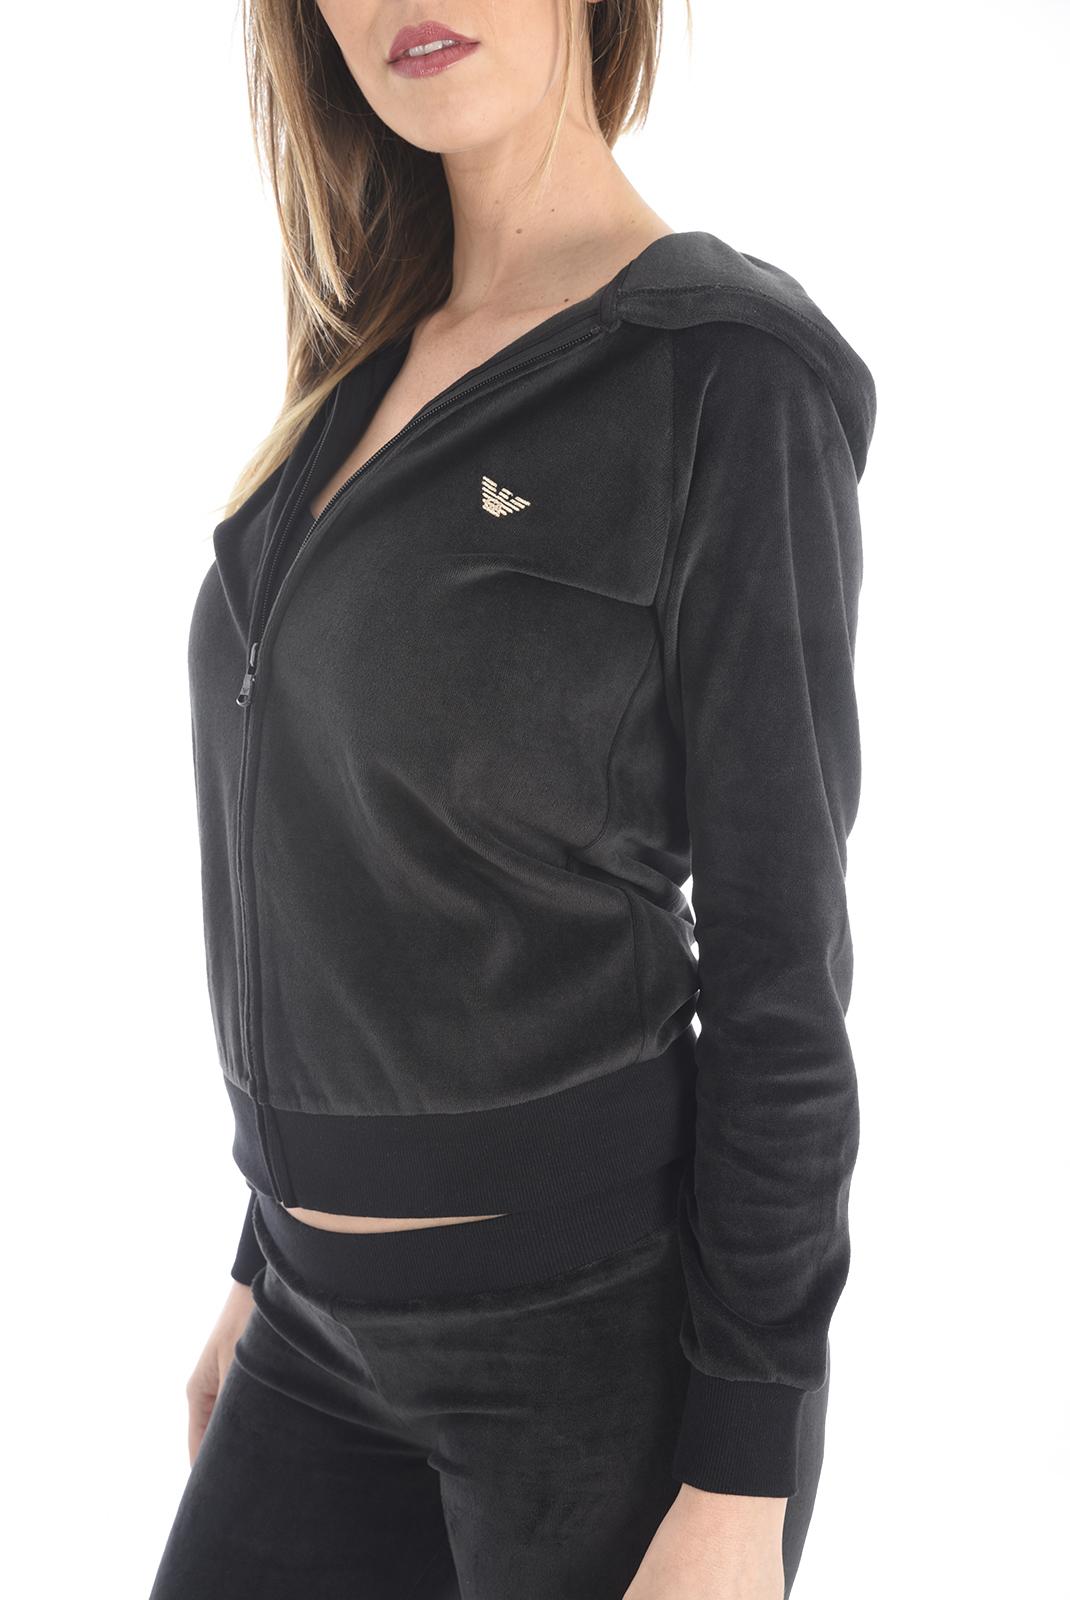 Veste streetwear  Emporio armani 163363 7A252 0020 BLACK